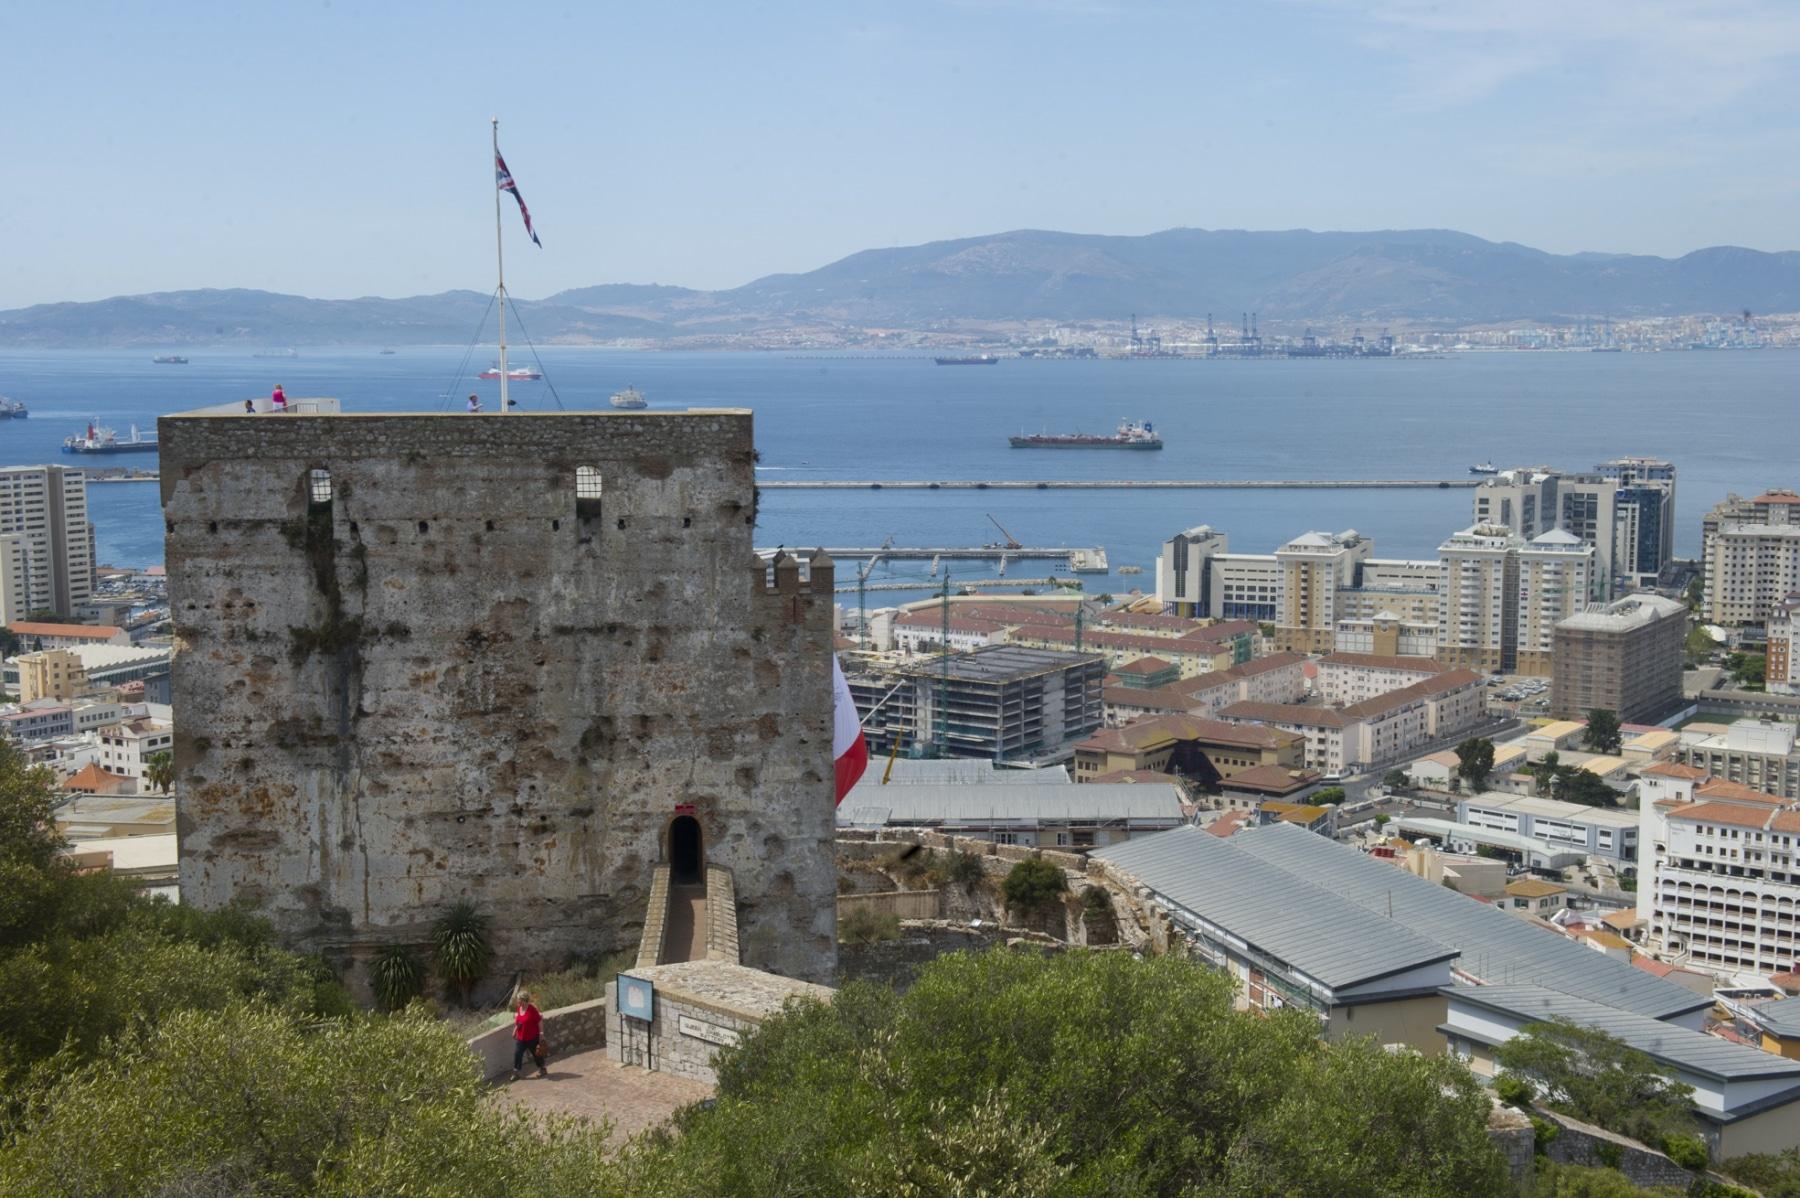 el-castillo-moro-en-la-ladera-del-pen-de-gibraltar_22713704476_o